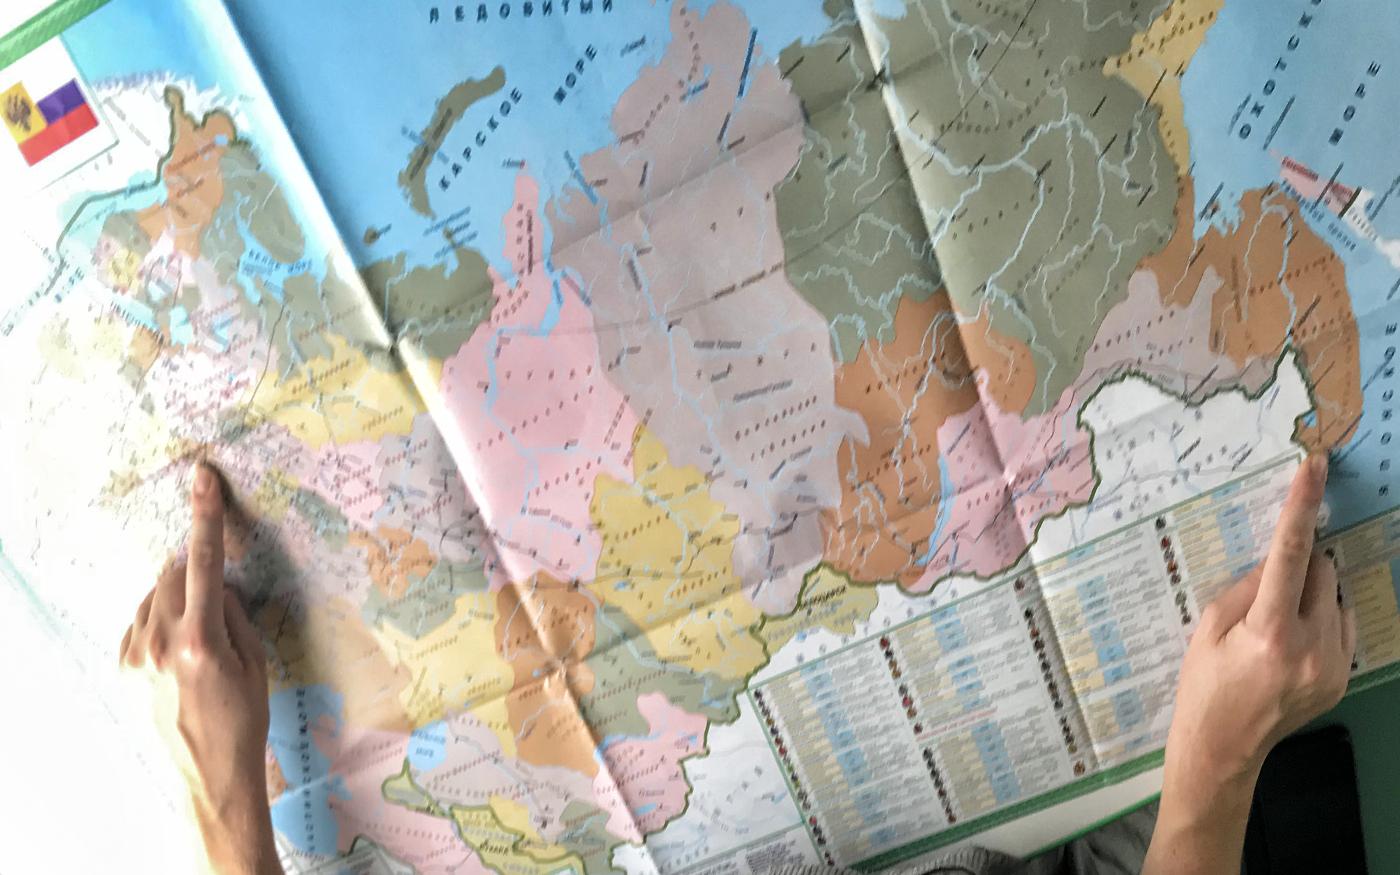 Von Moskau nach Wladiwostok - Karte der Transsib Route